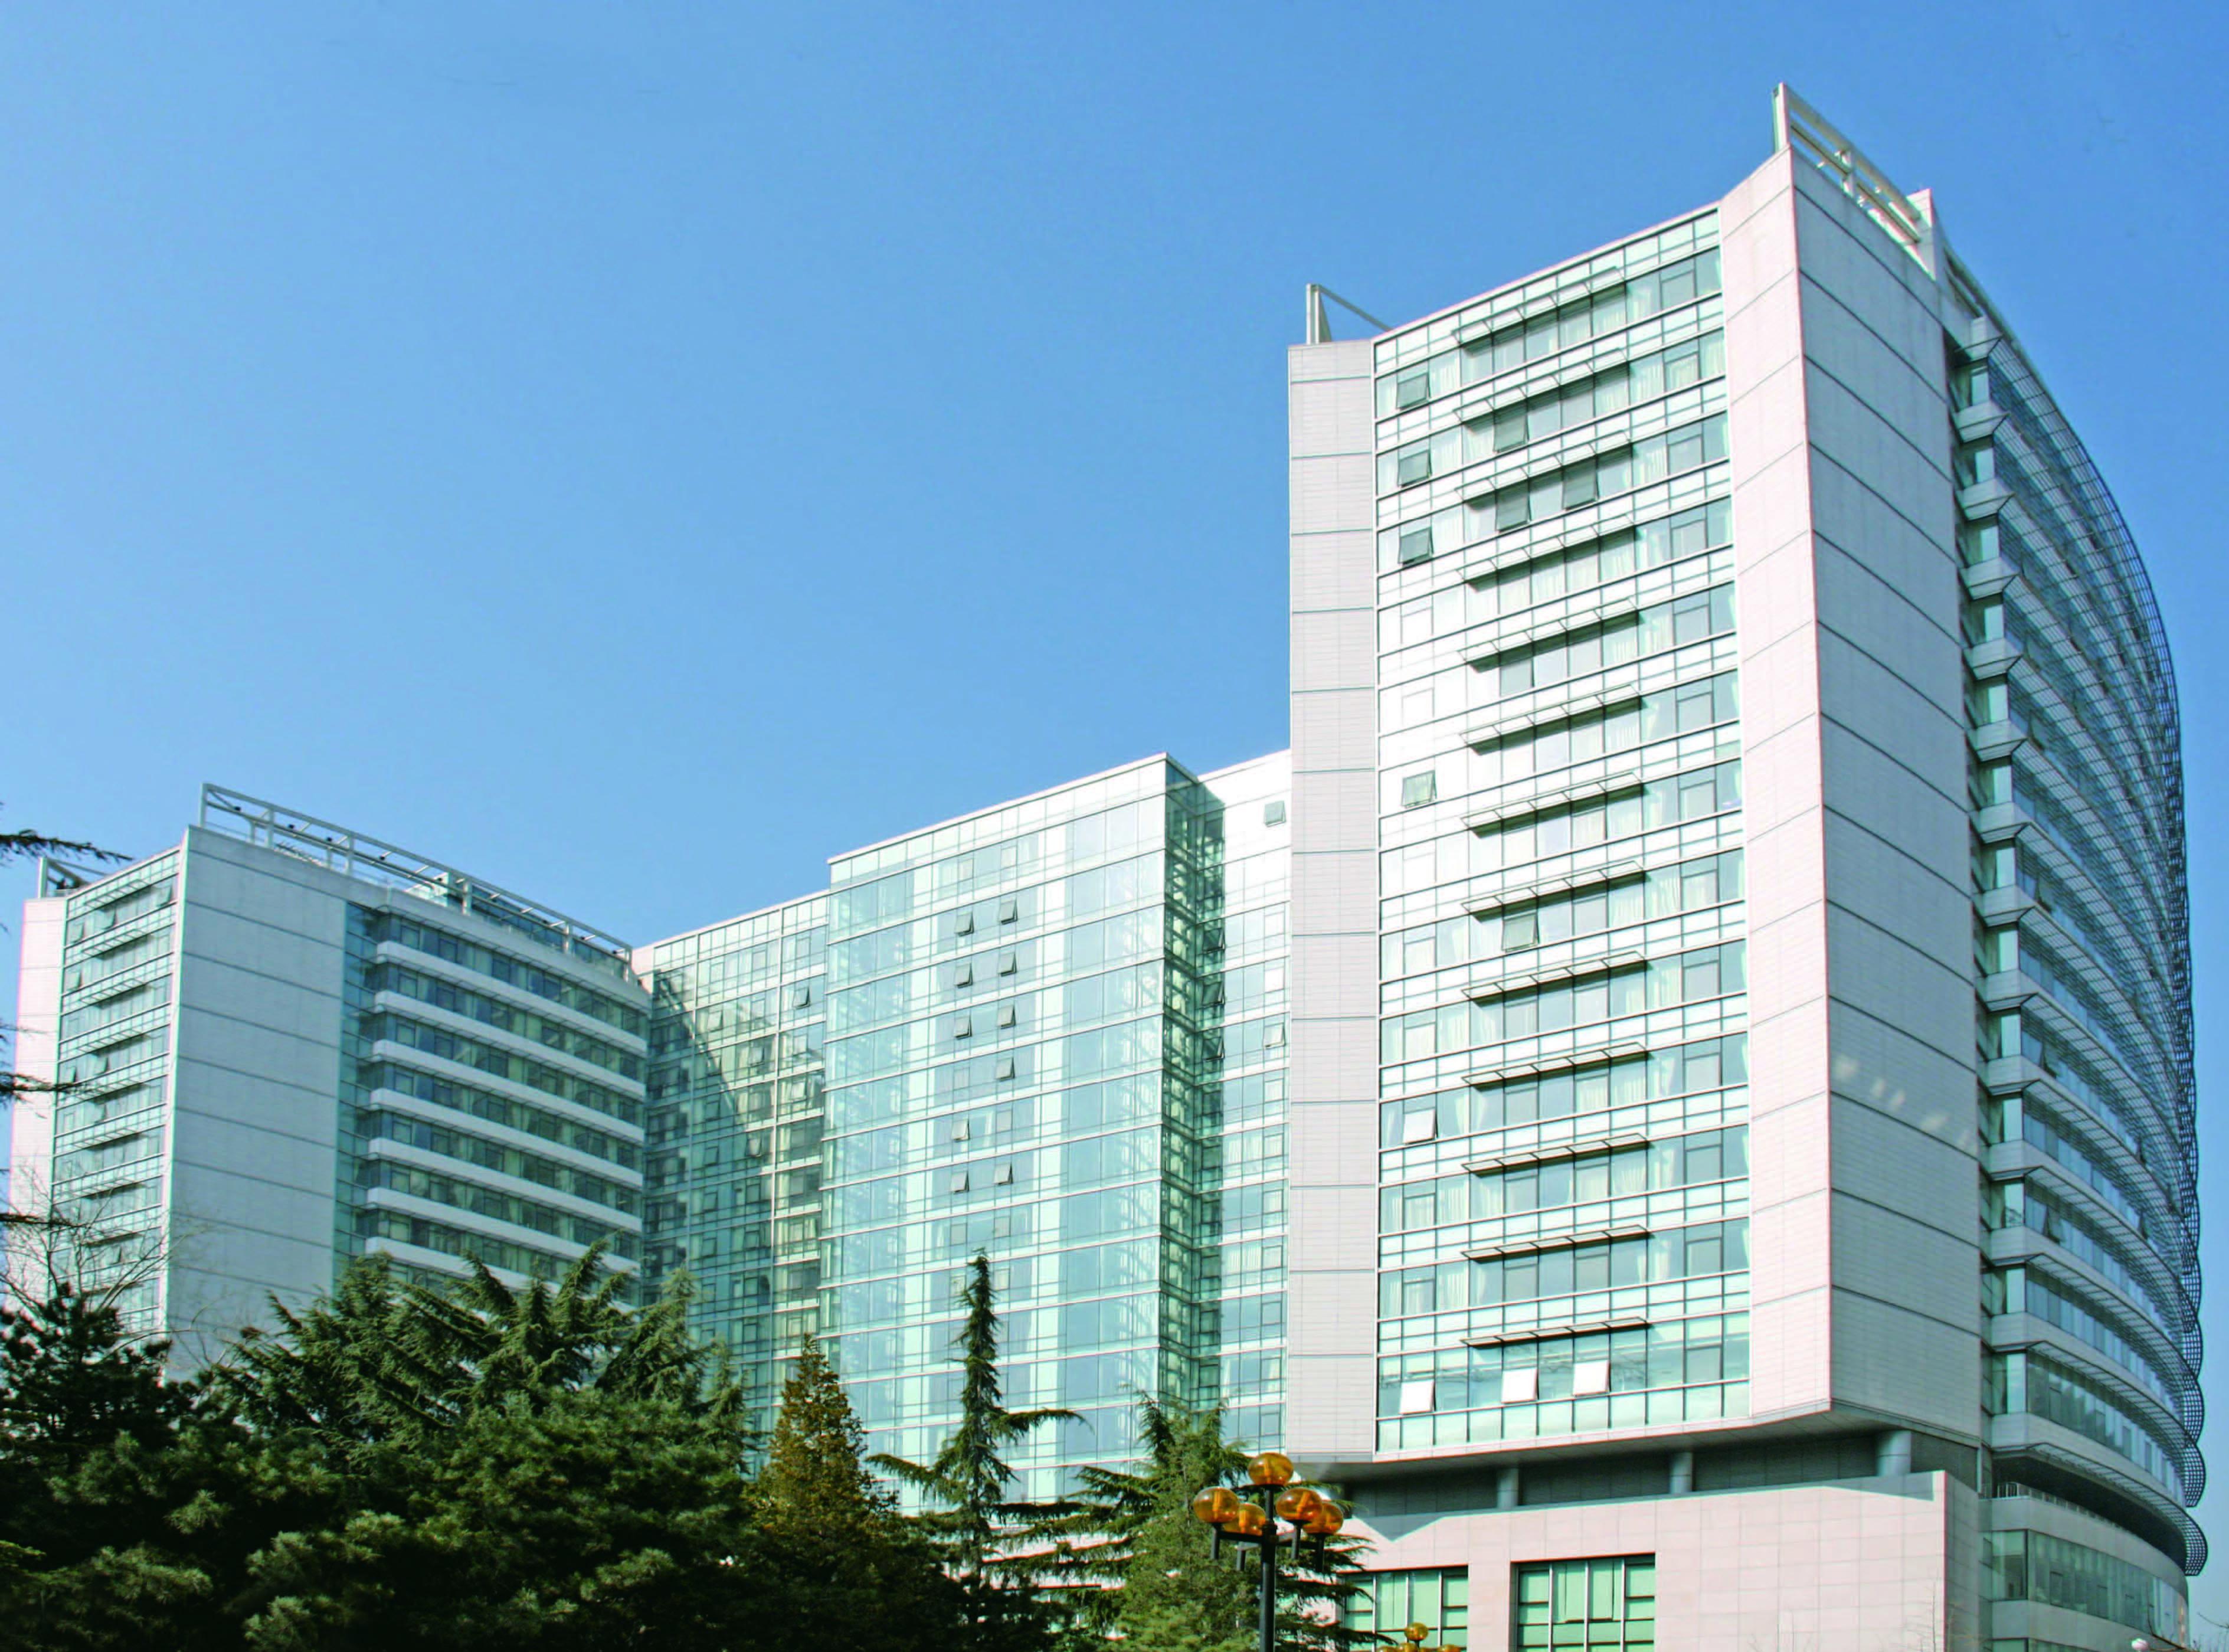 北京解放军总医院外科大楼